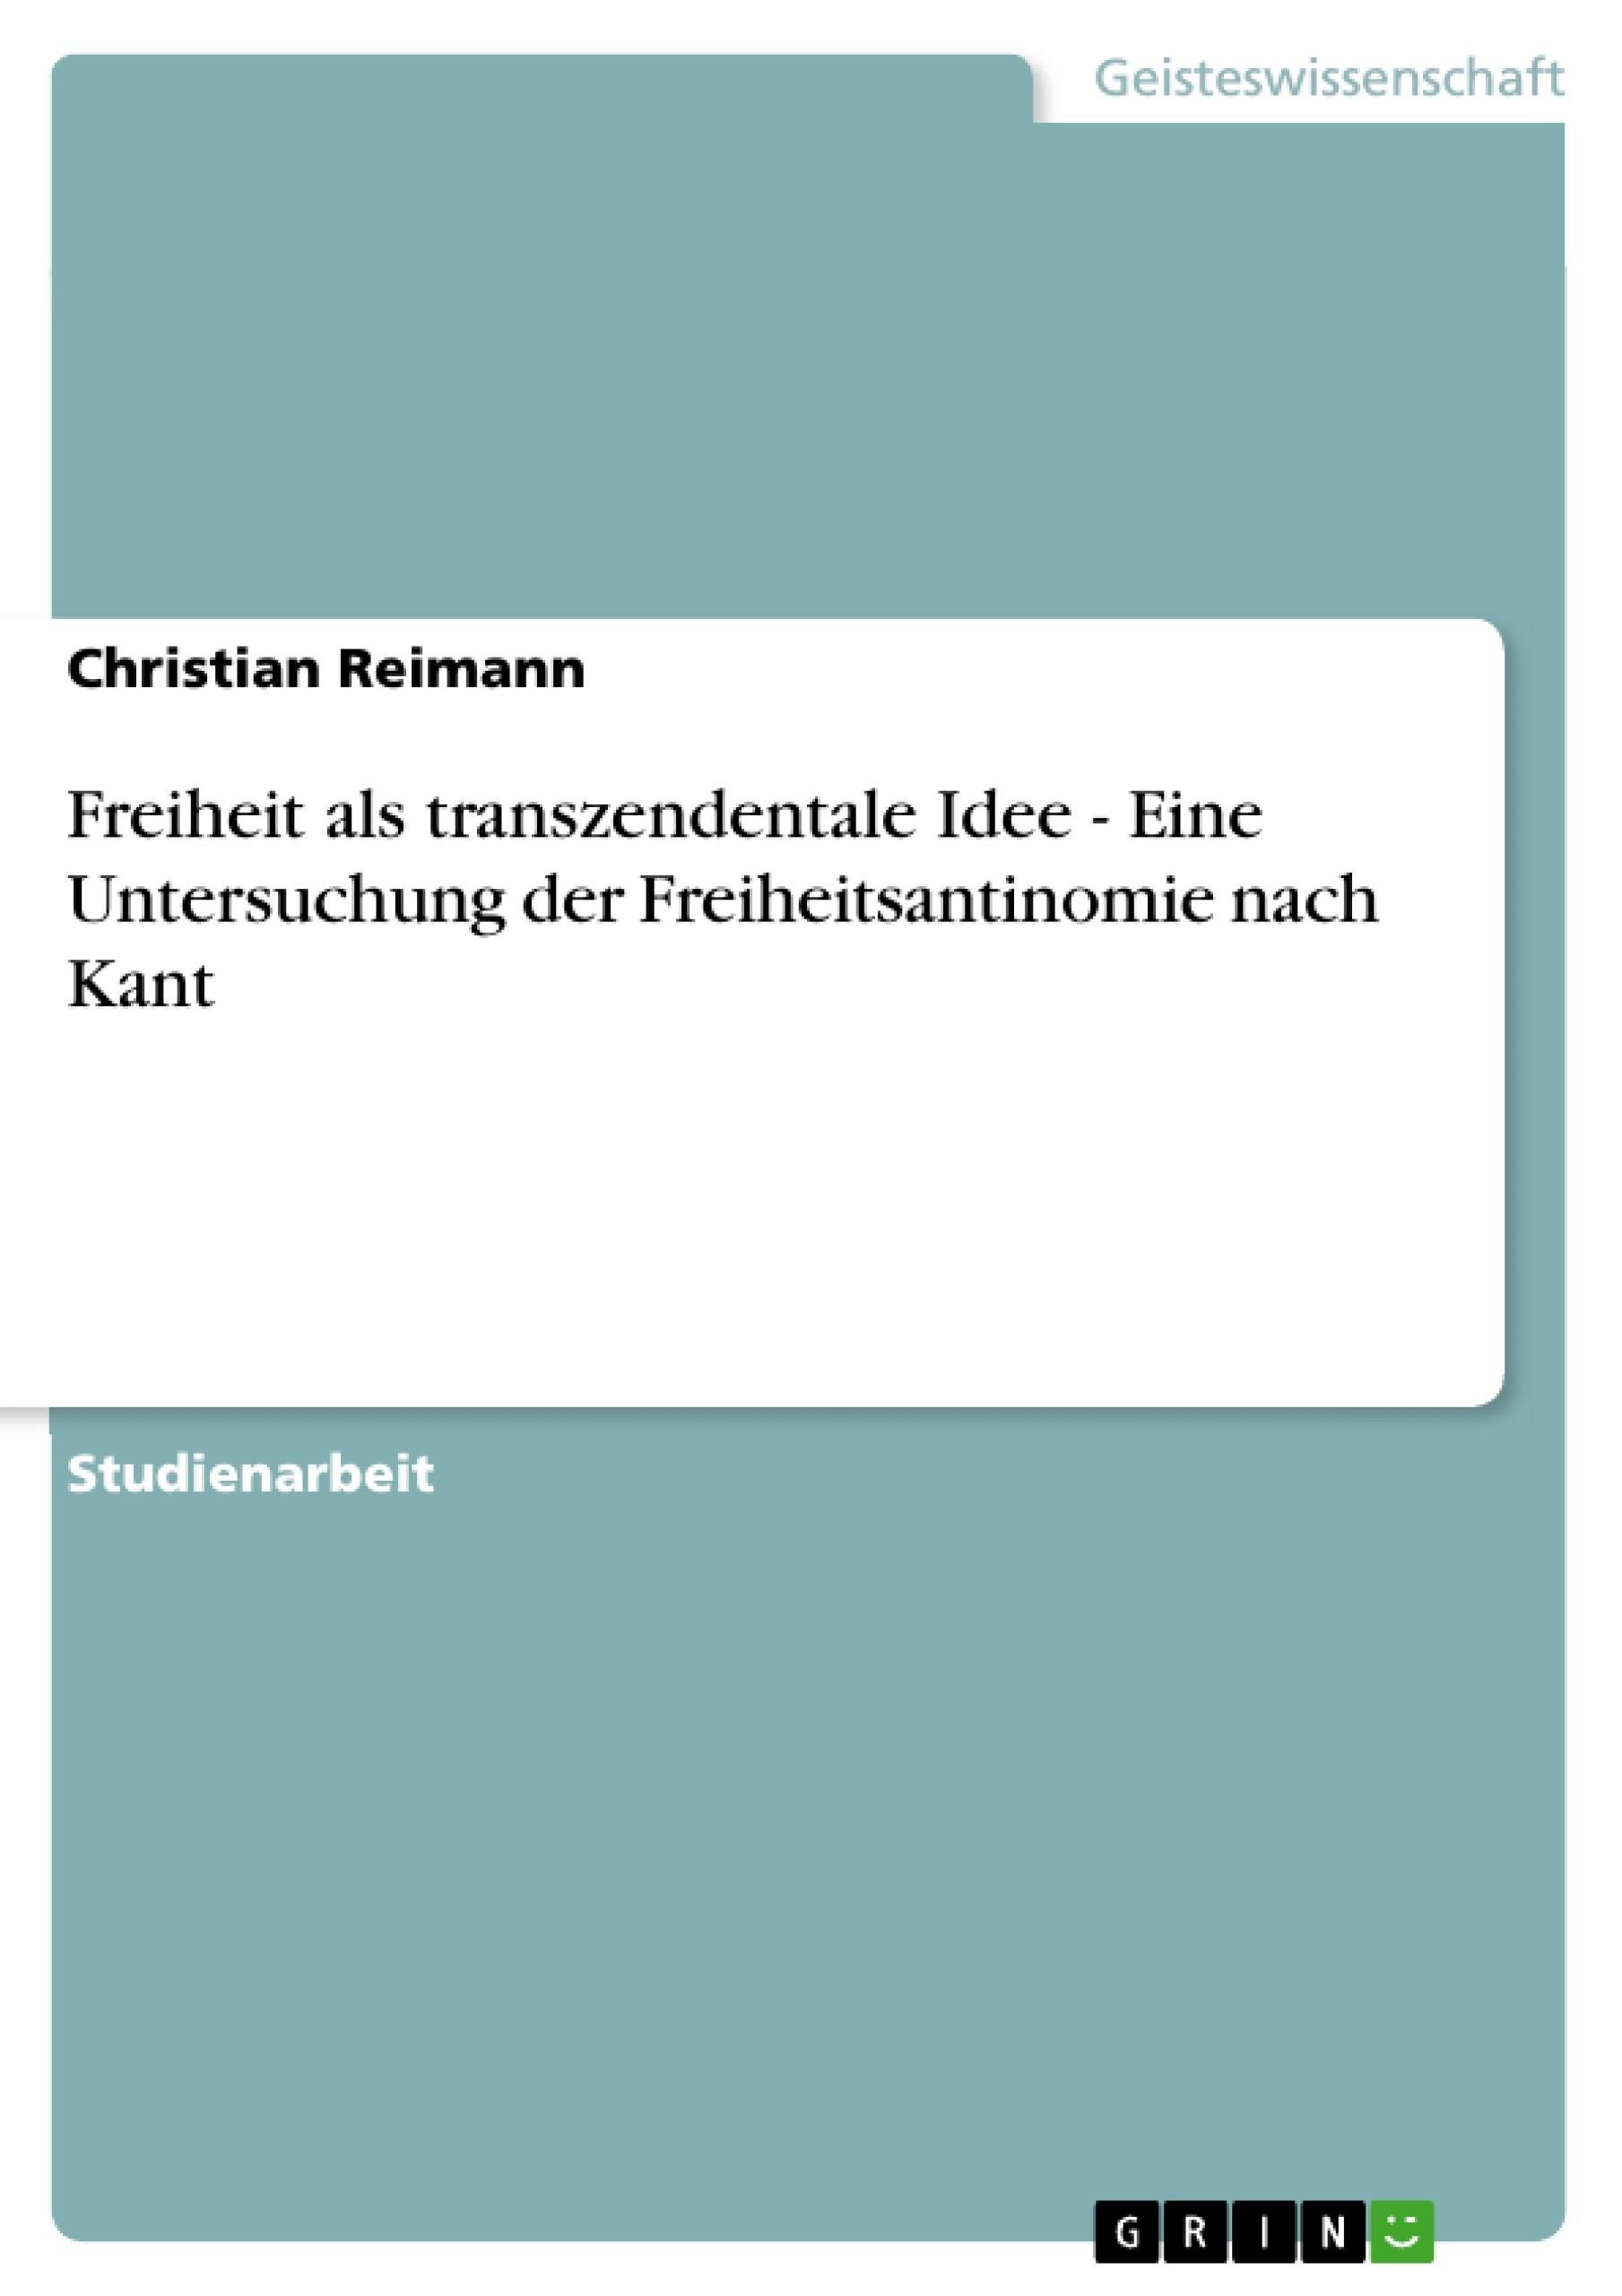 Titel: Freiheit als transzendentale Idee - Eine Untersuchung der Freiheitsantinomie nach Kant